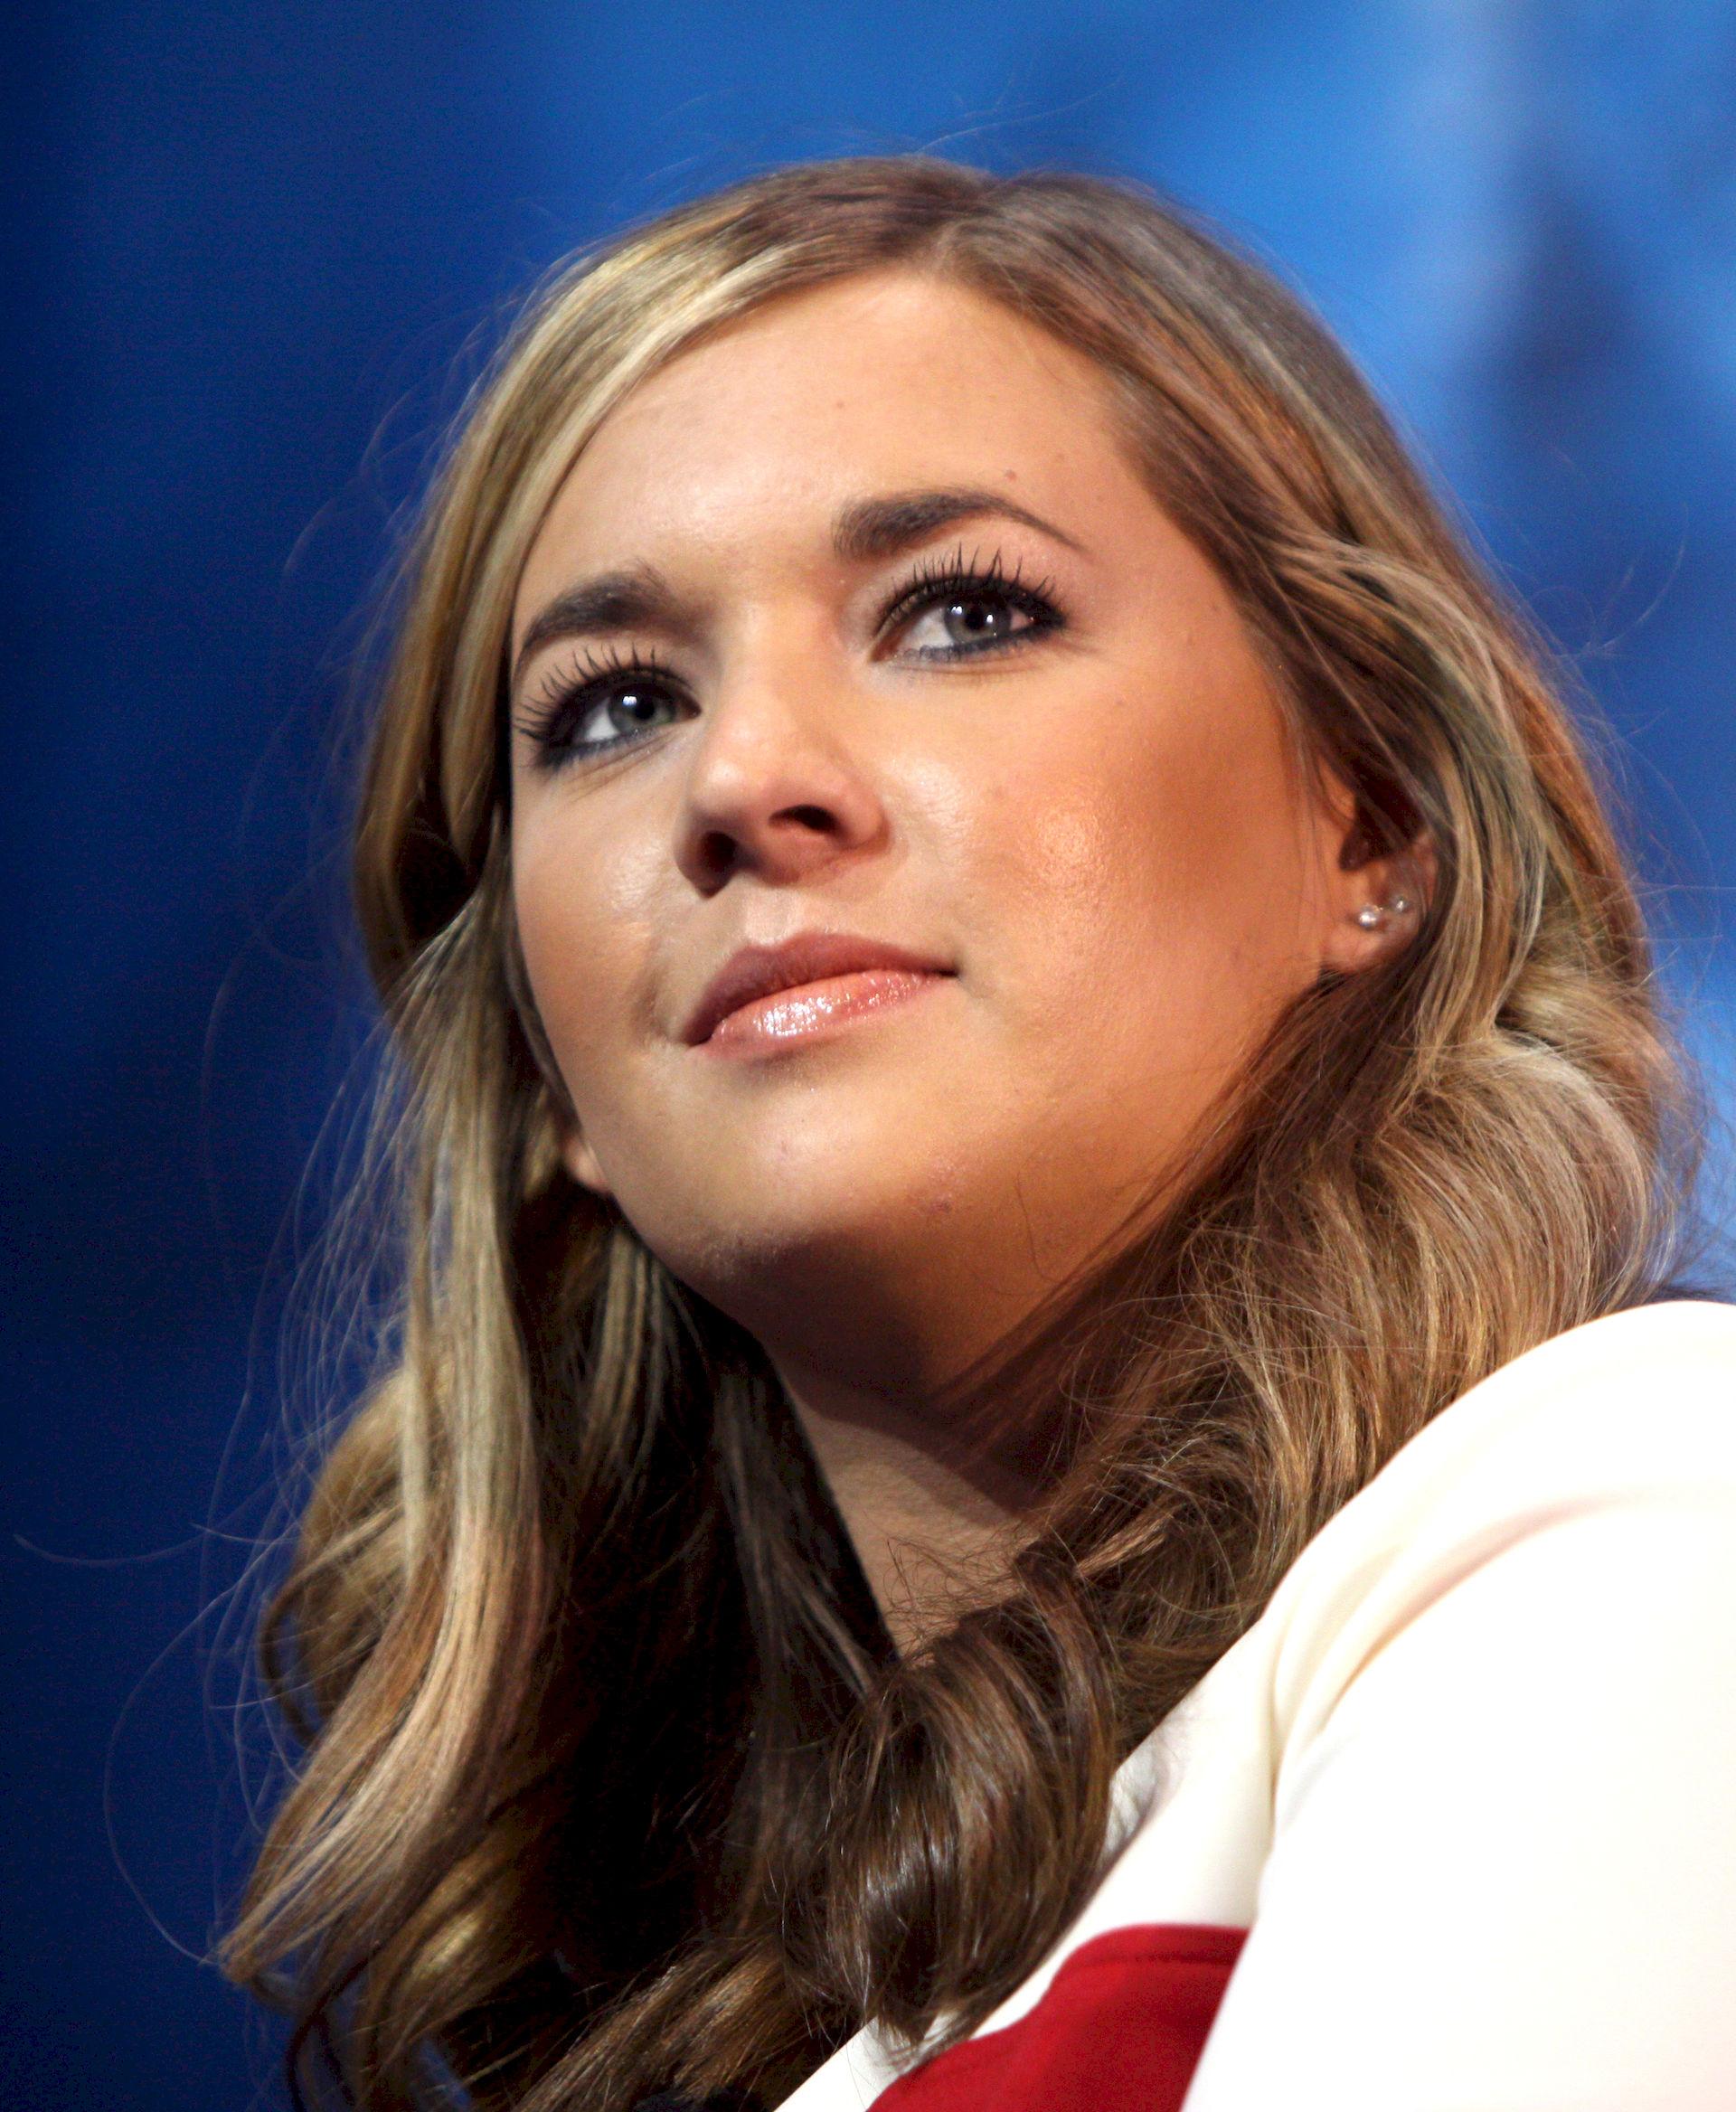 Photo of Katie Pavlich: American journalist